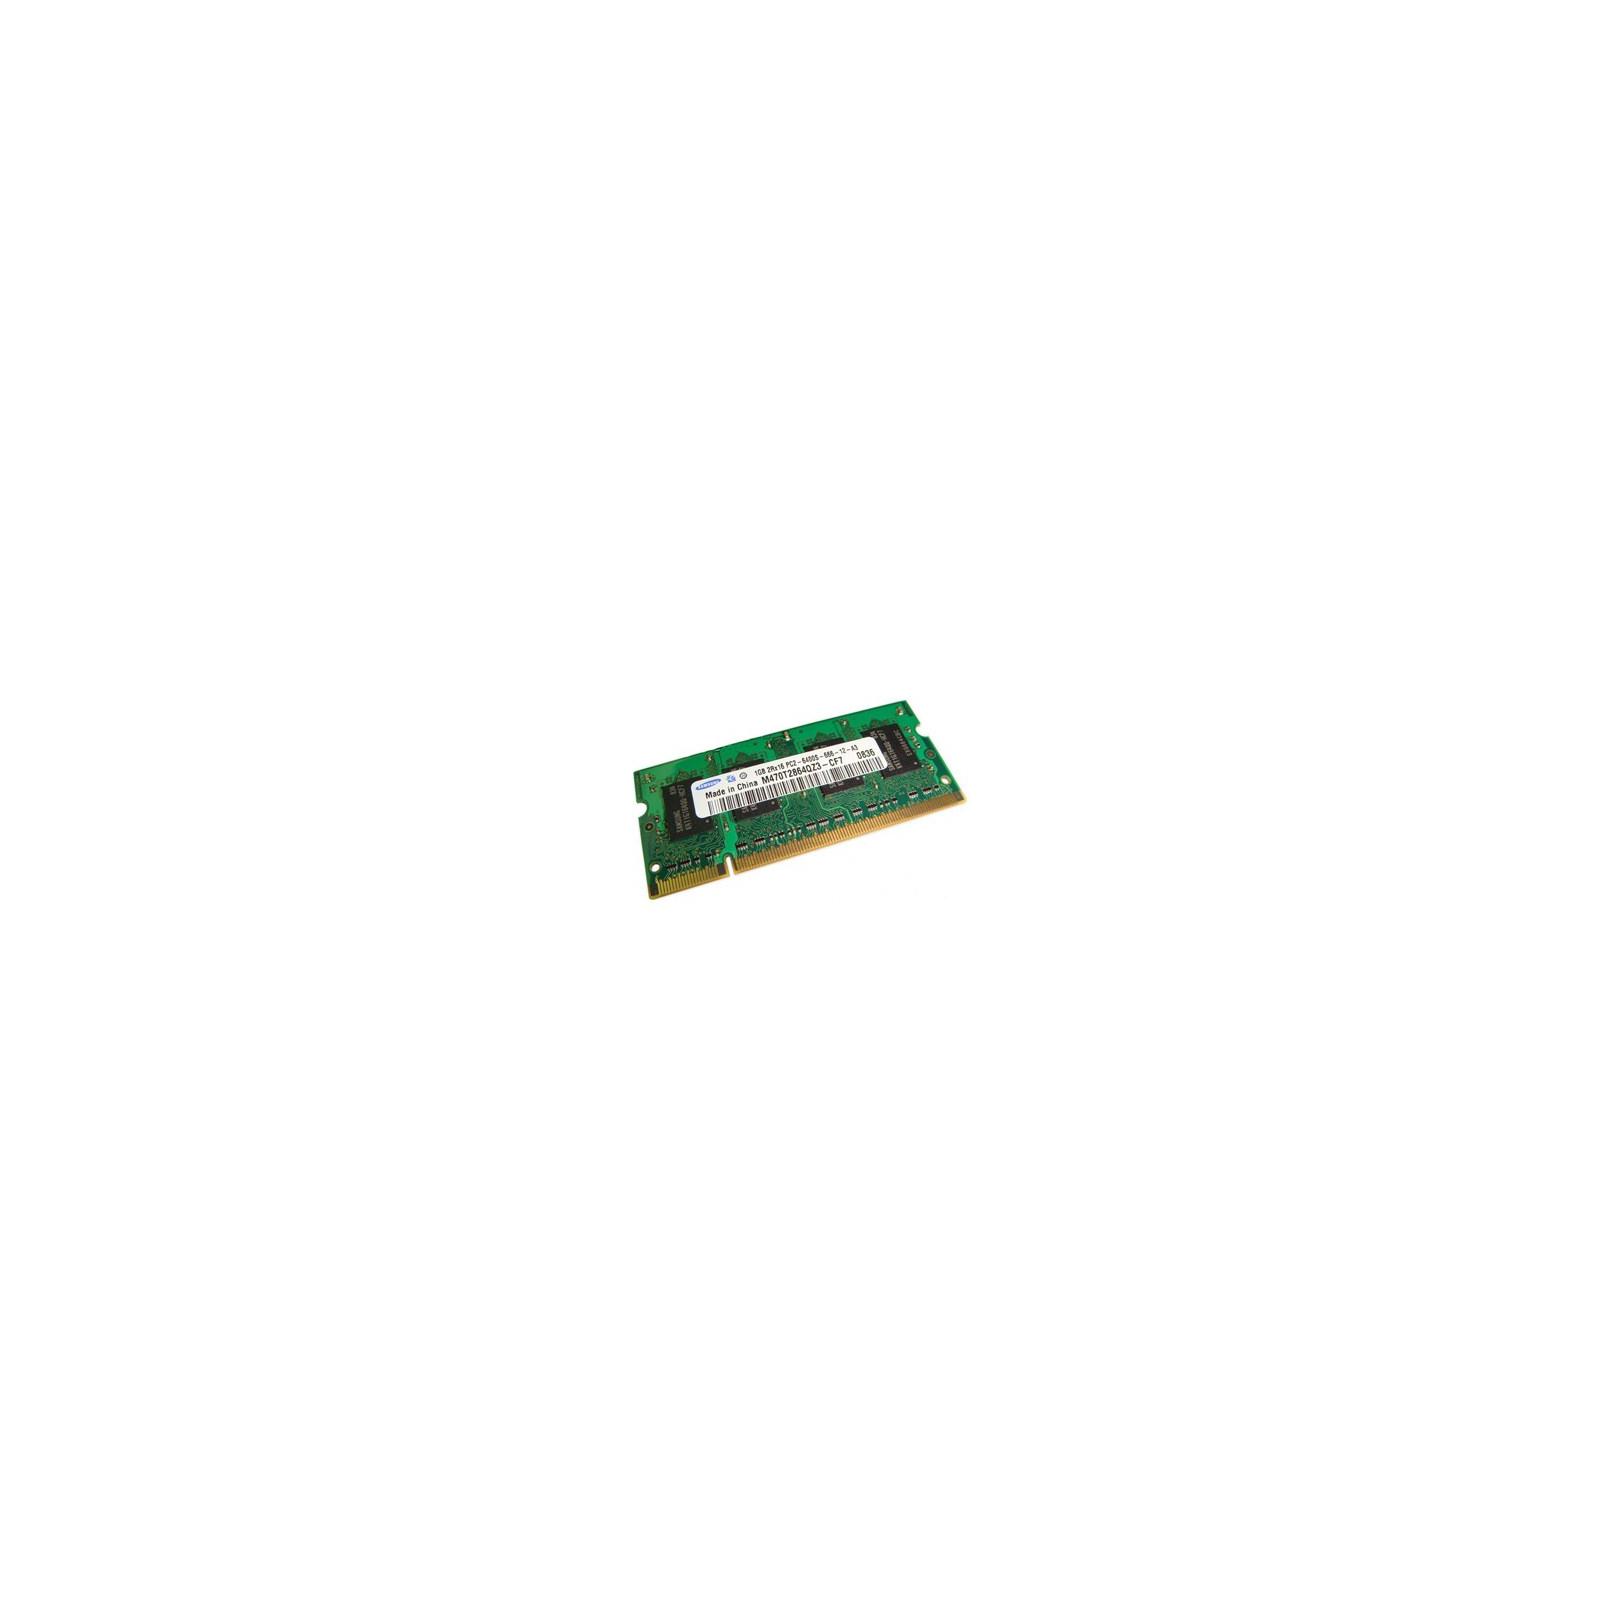 Модуль памяти для ноутбука SoDIMM DDR2 1GB 800 MHz Samsung (M470T2864FB3-CF7 / M470T2864EH3-CF7)